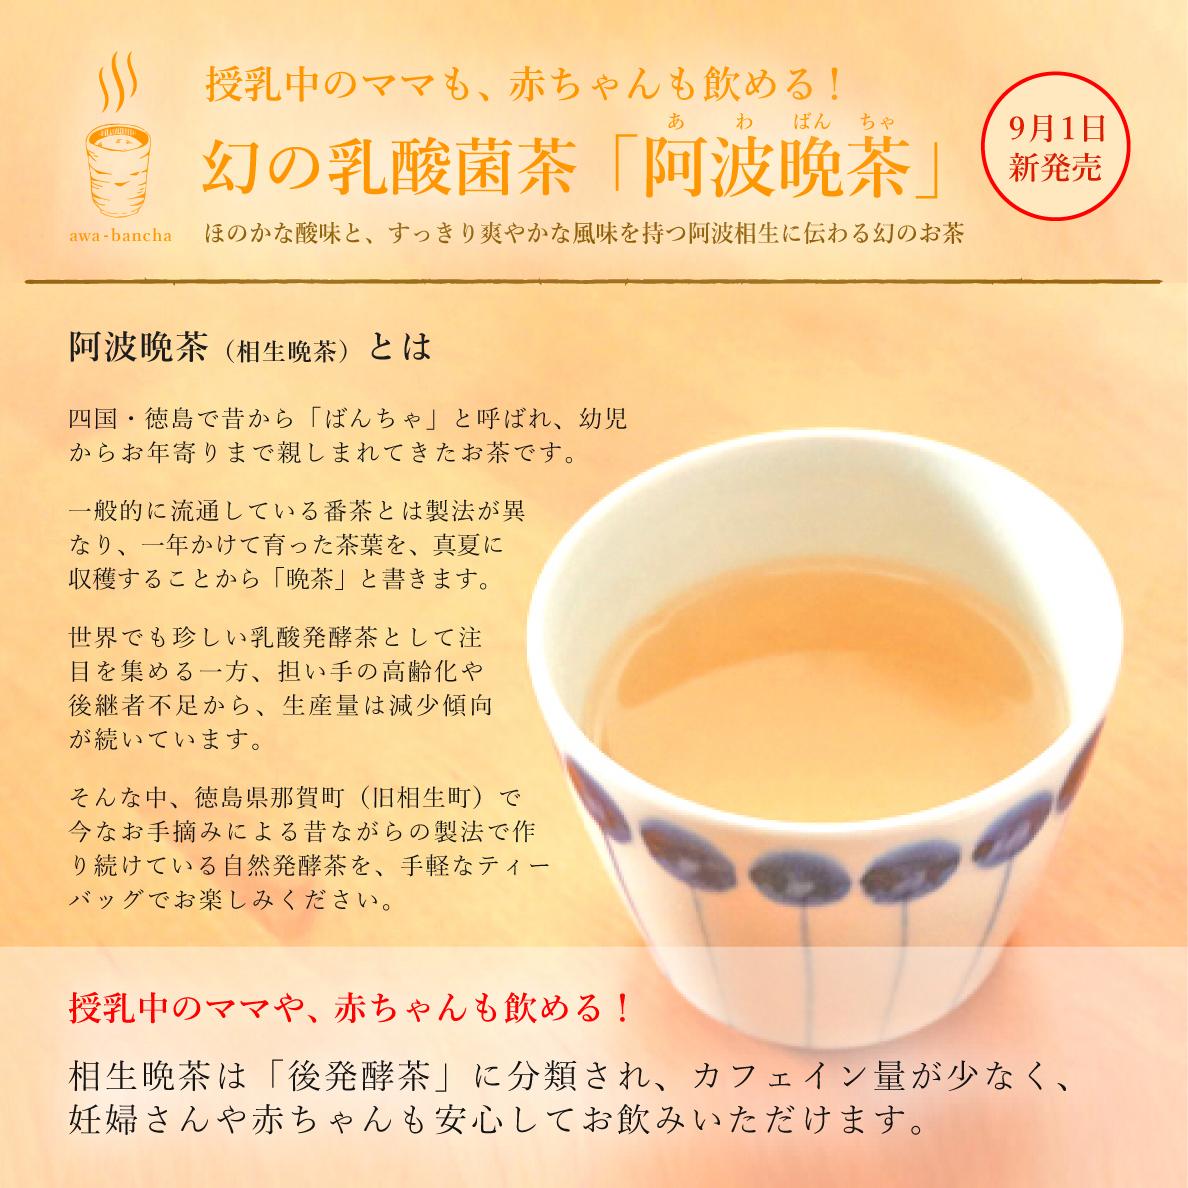 おむつ寿司・阿波晩茶